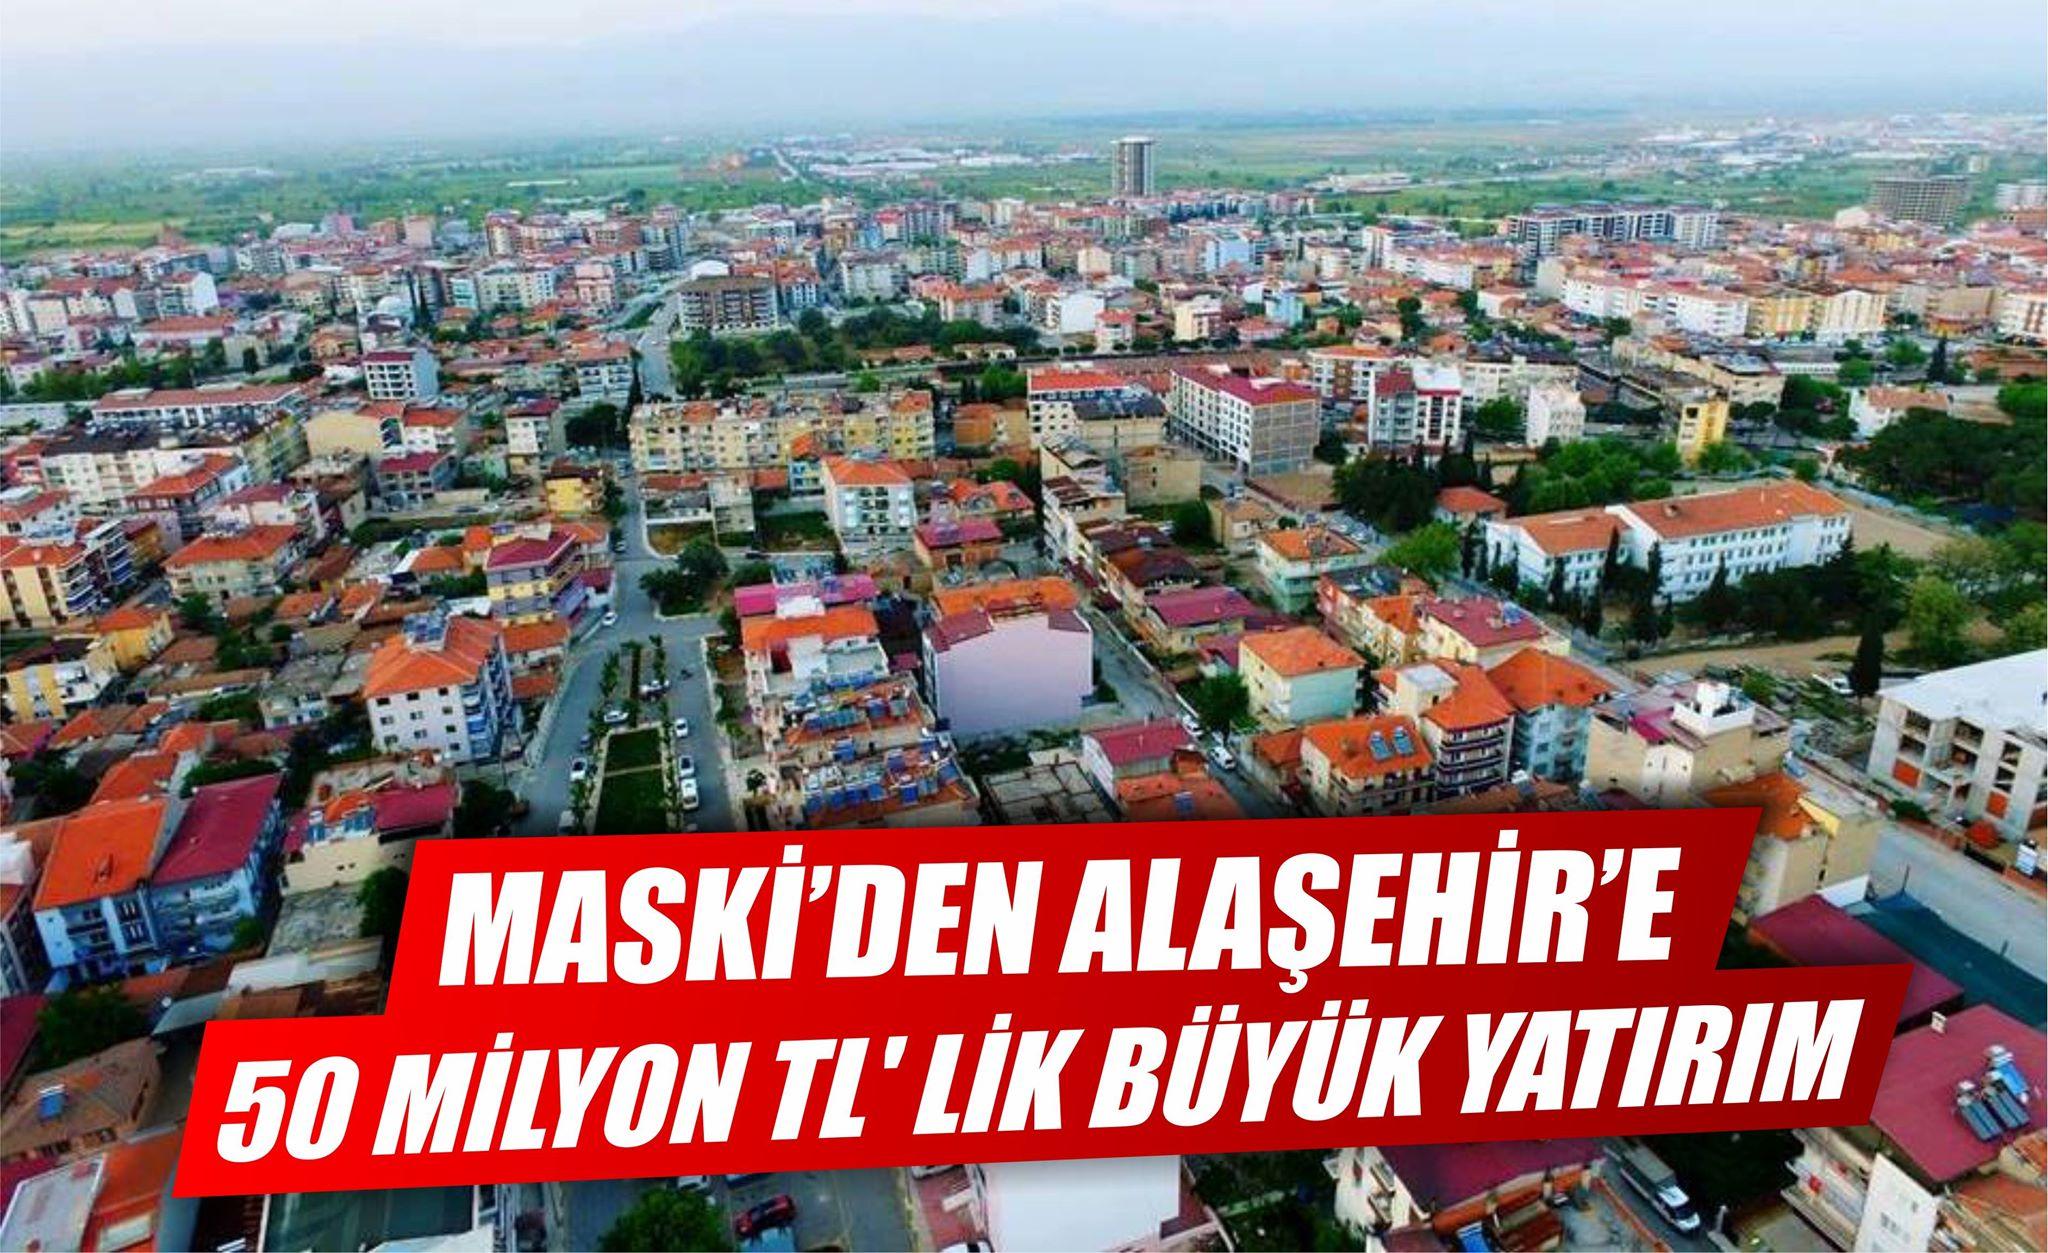 Maski'den Alaşehir'e 50 Milyon TL' lik Büyük Yatırım